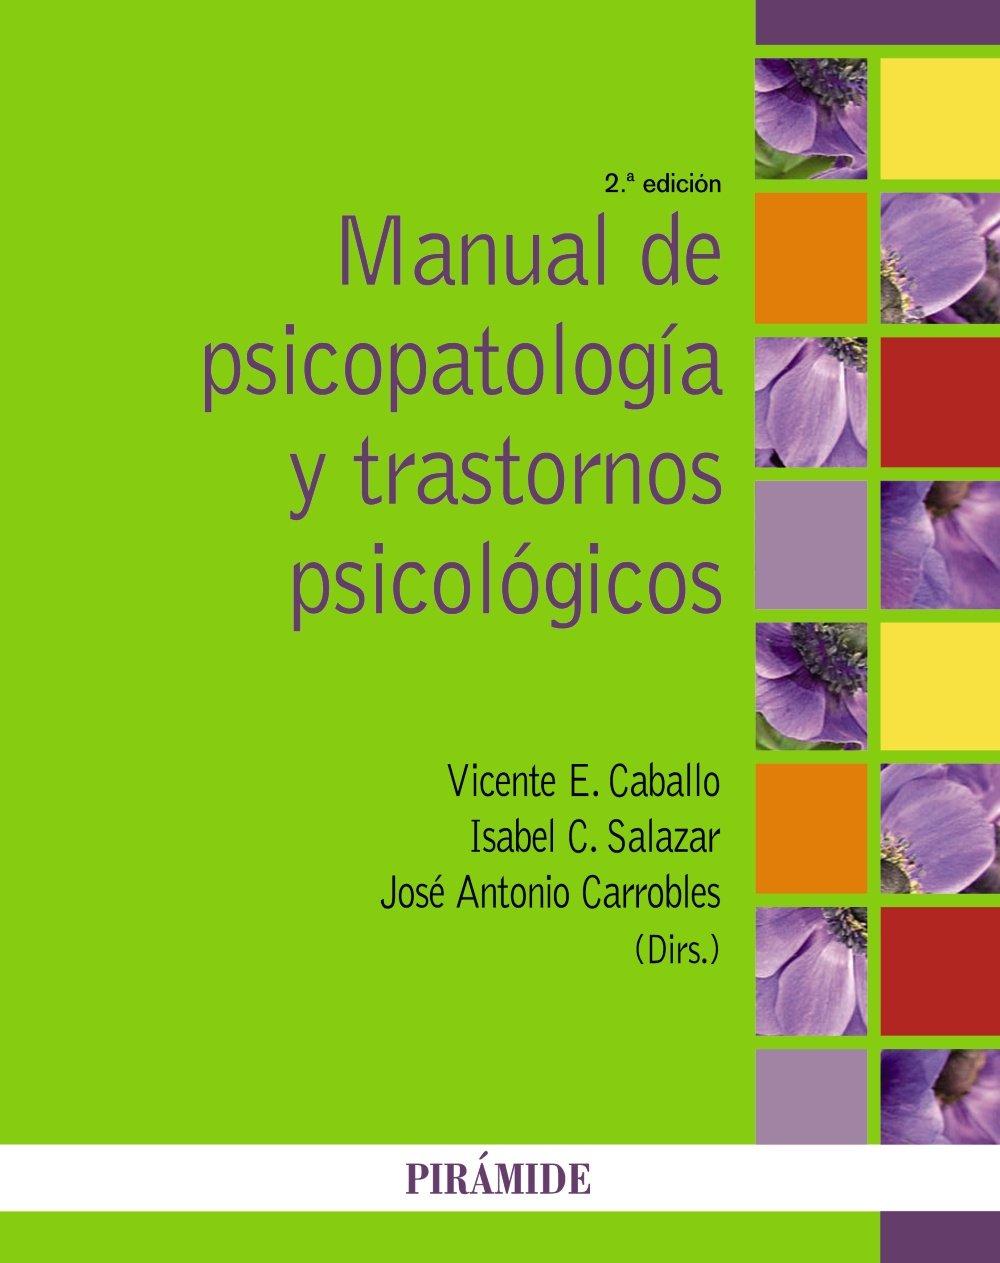 Manual de psicopatología y trastornos psicológicos ...